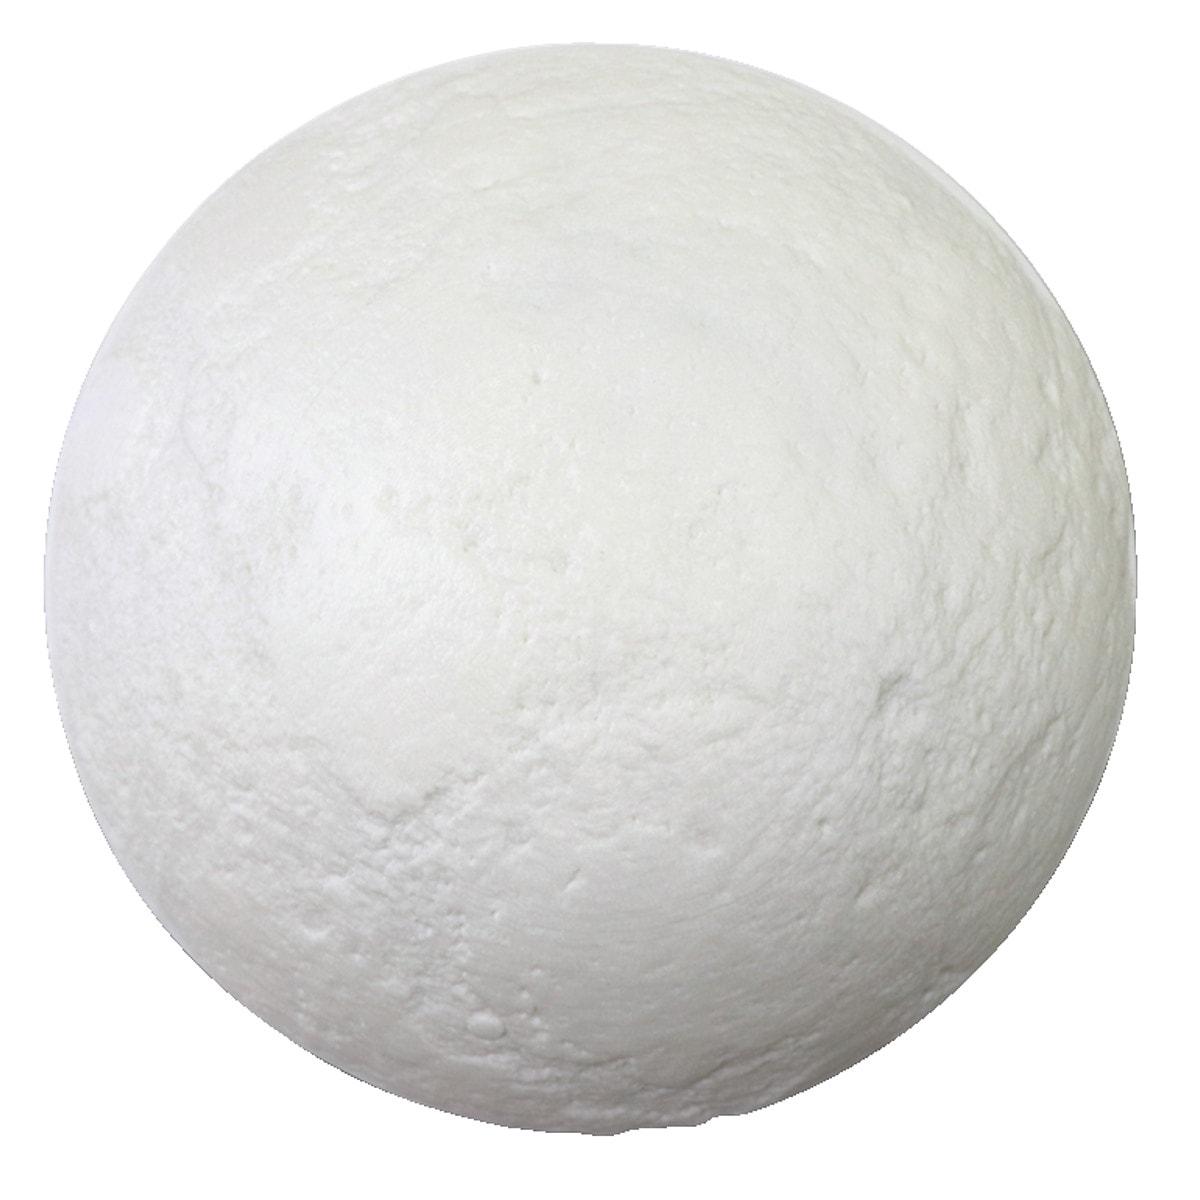 Vägglampa Moon lamp, Northlight